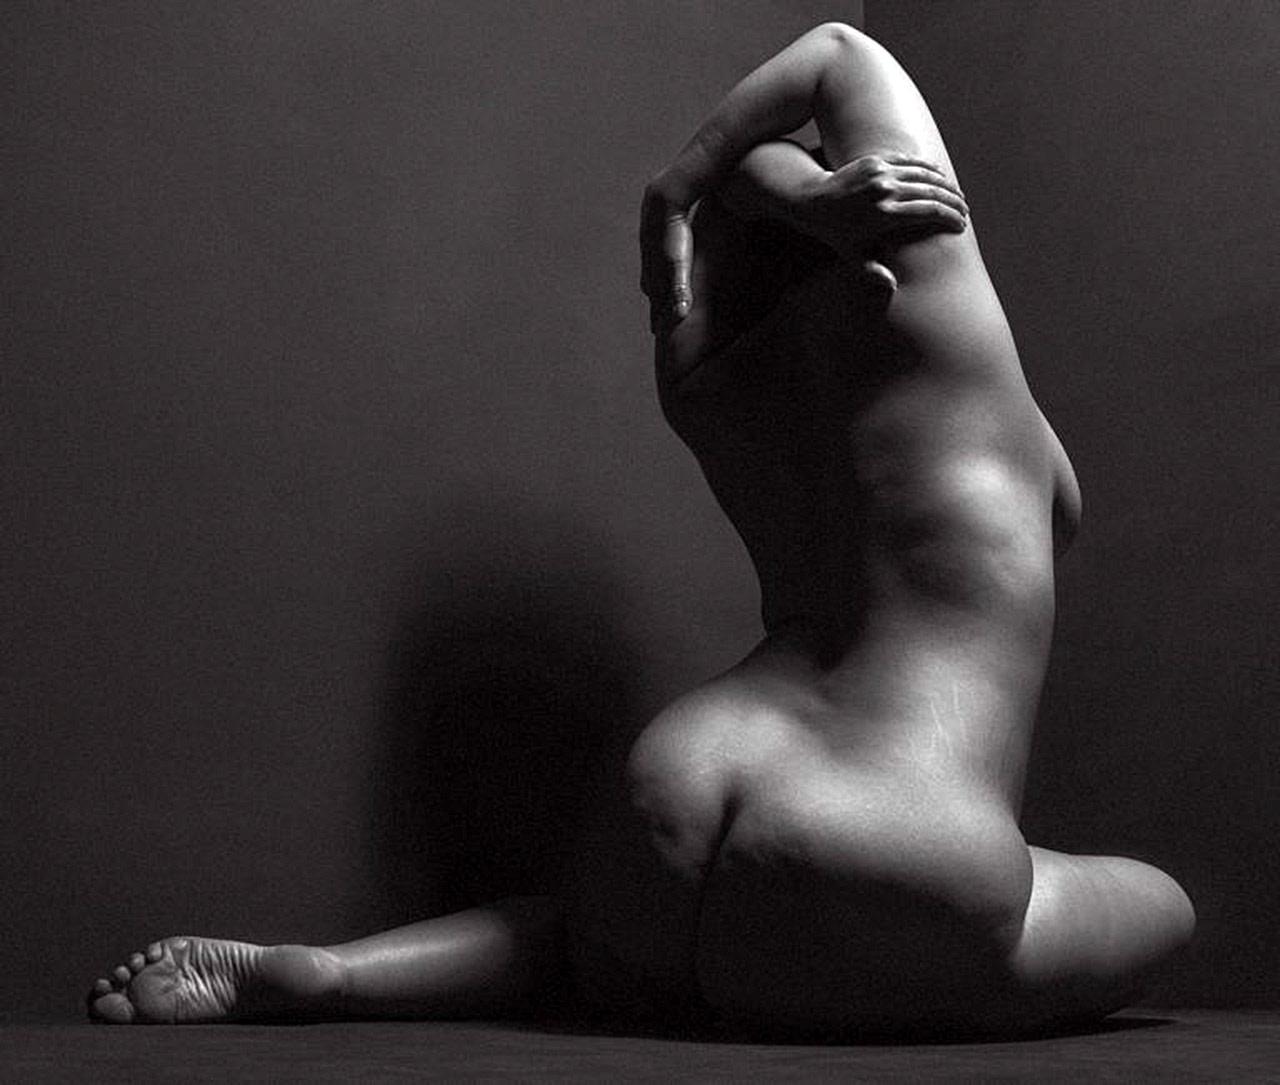 naked models Plus pics size